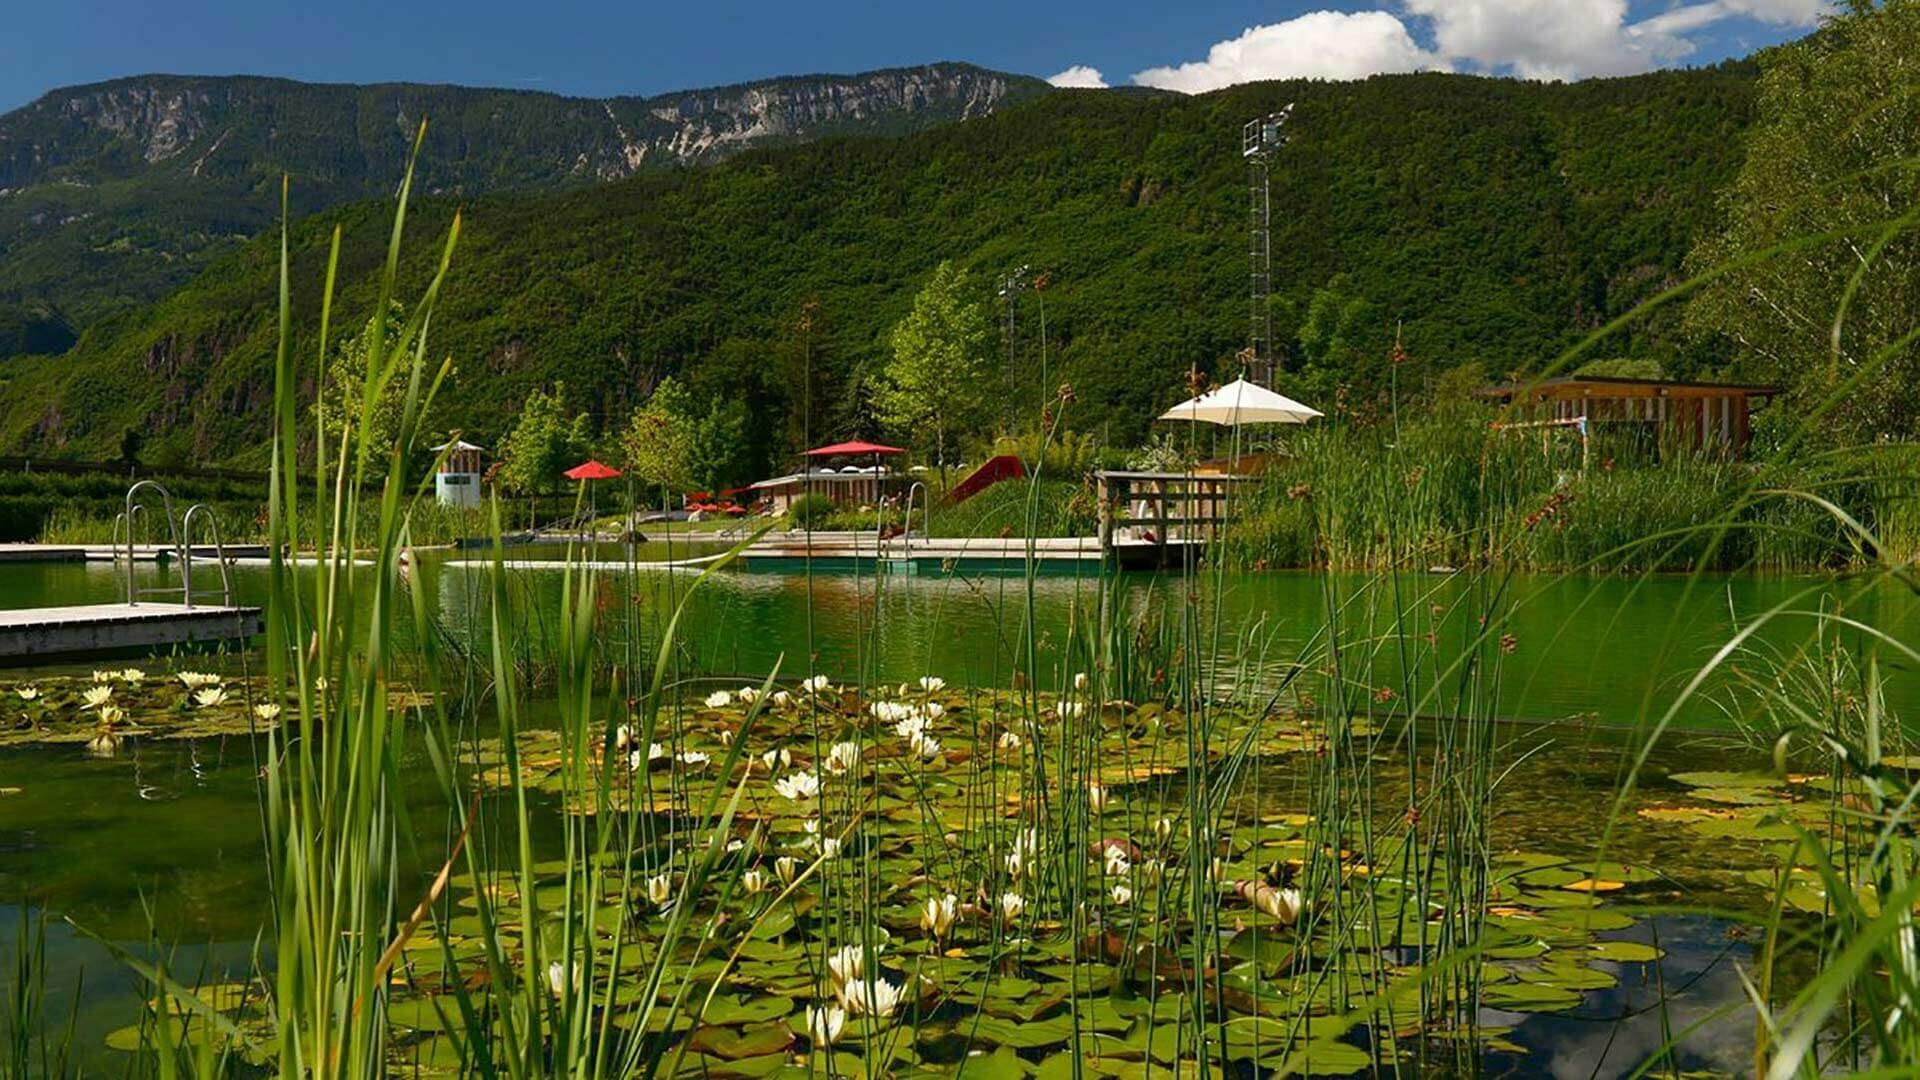 Der Naturbadeteich in Gargazon